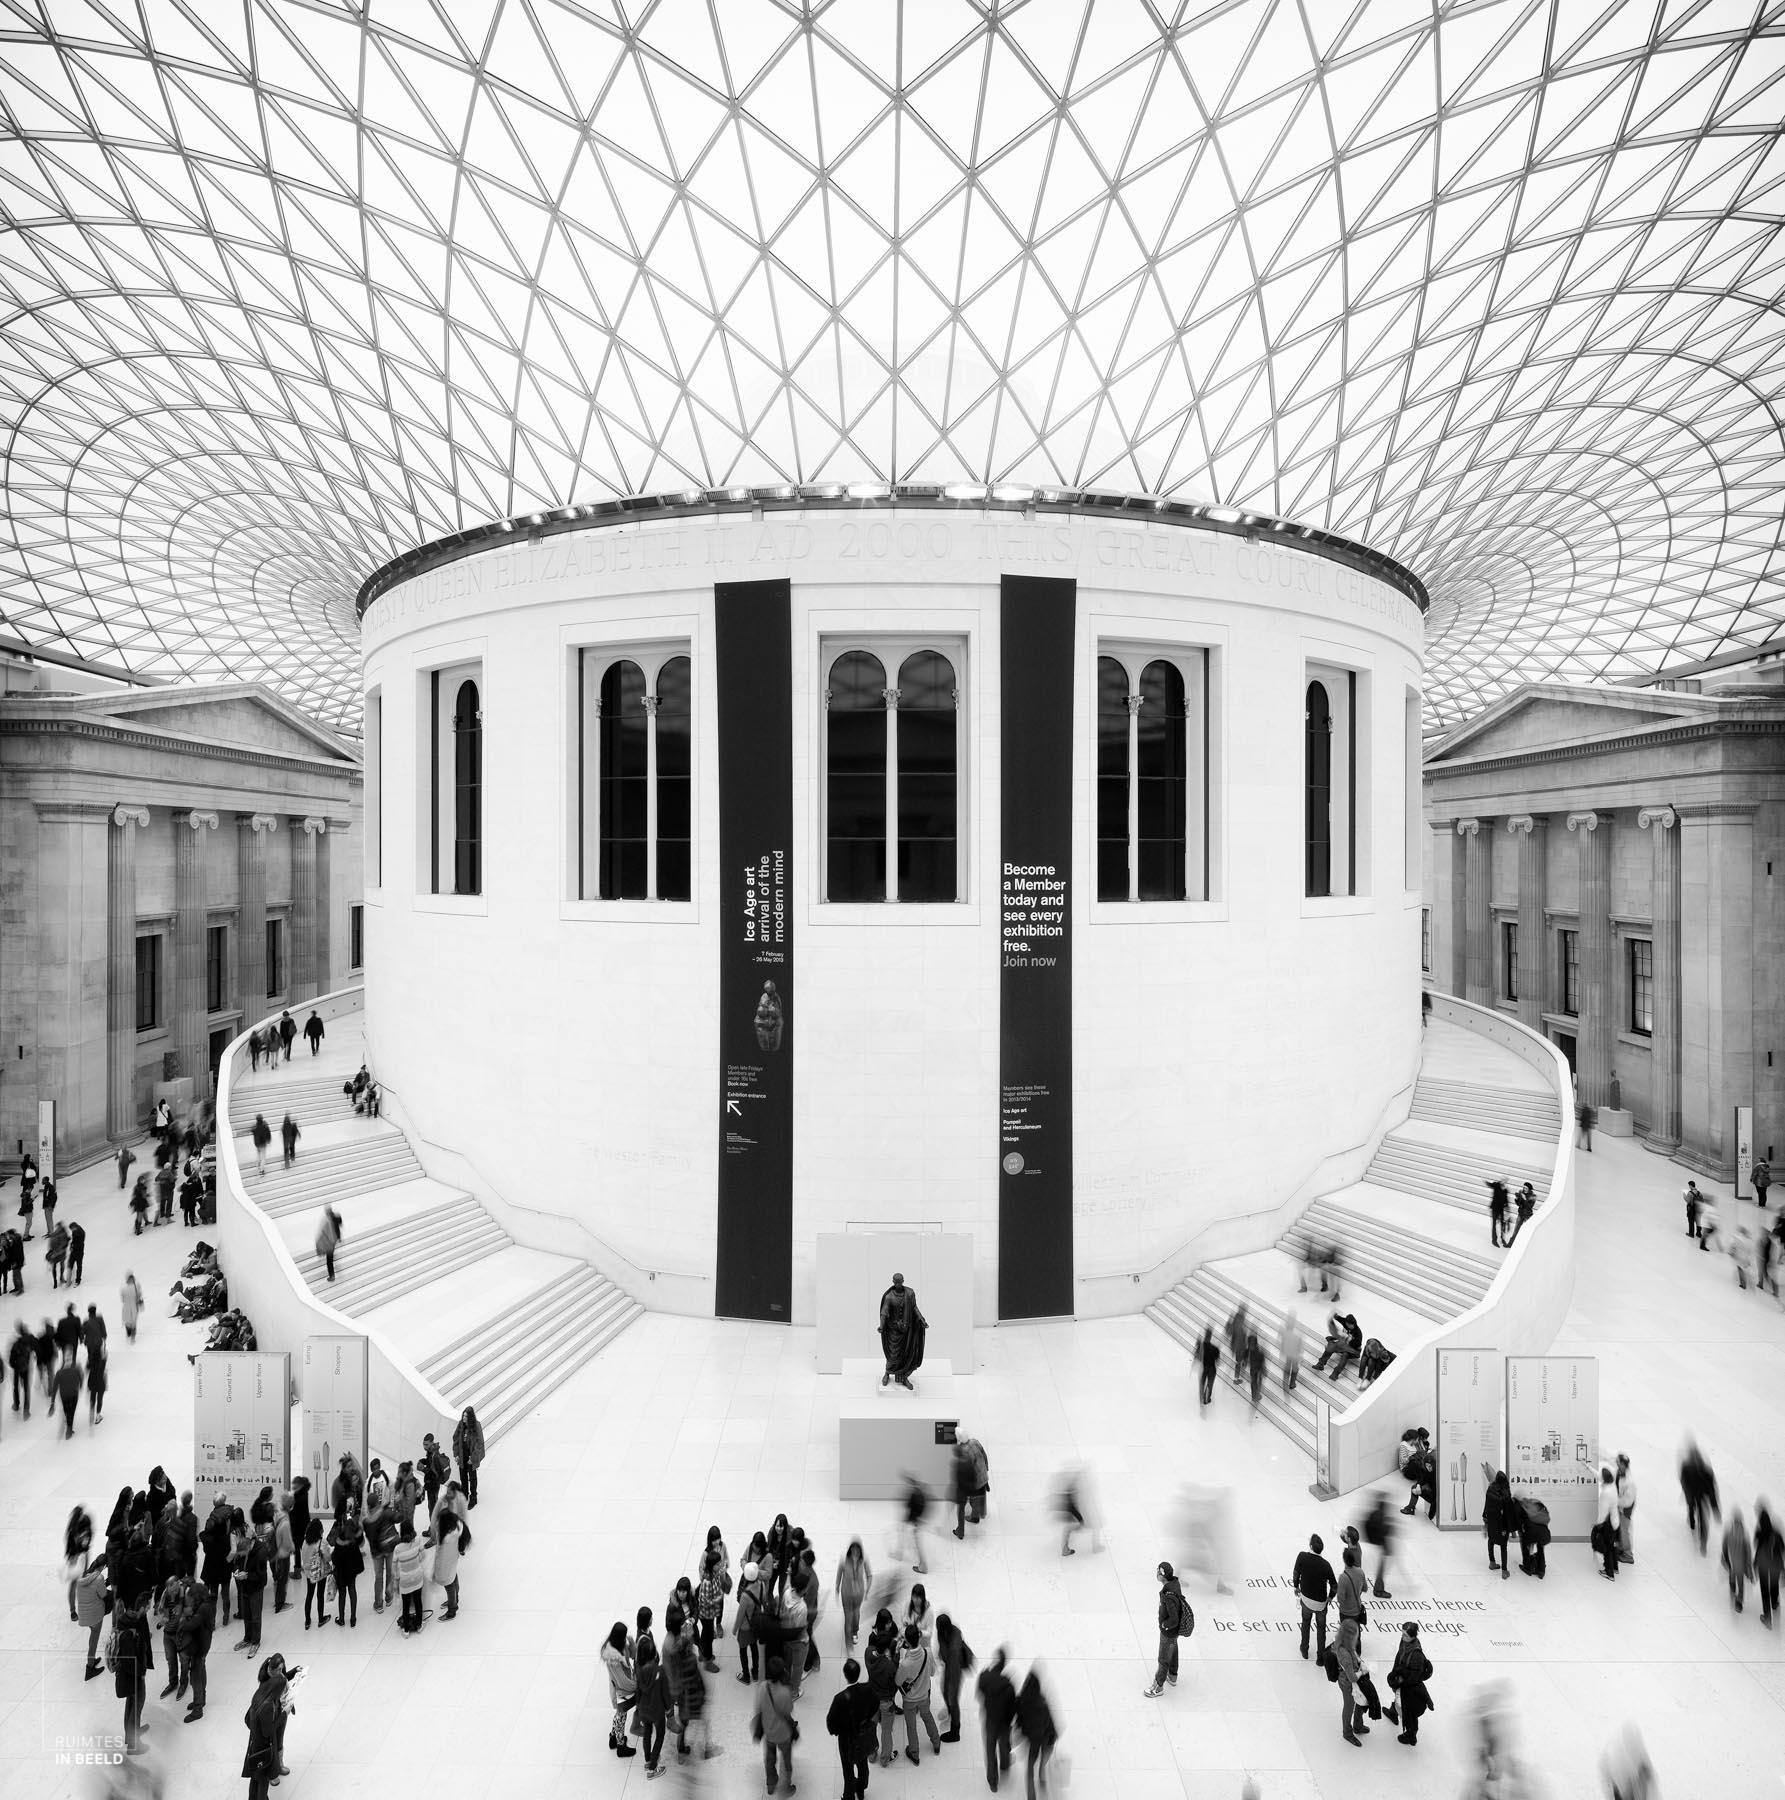 British Museum door de ogen van een architectuurfotograaf